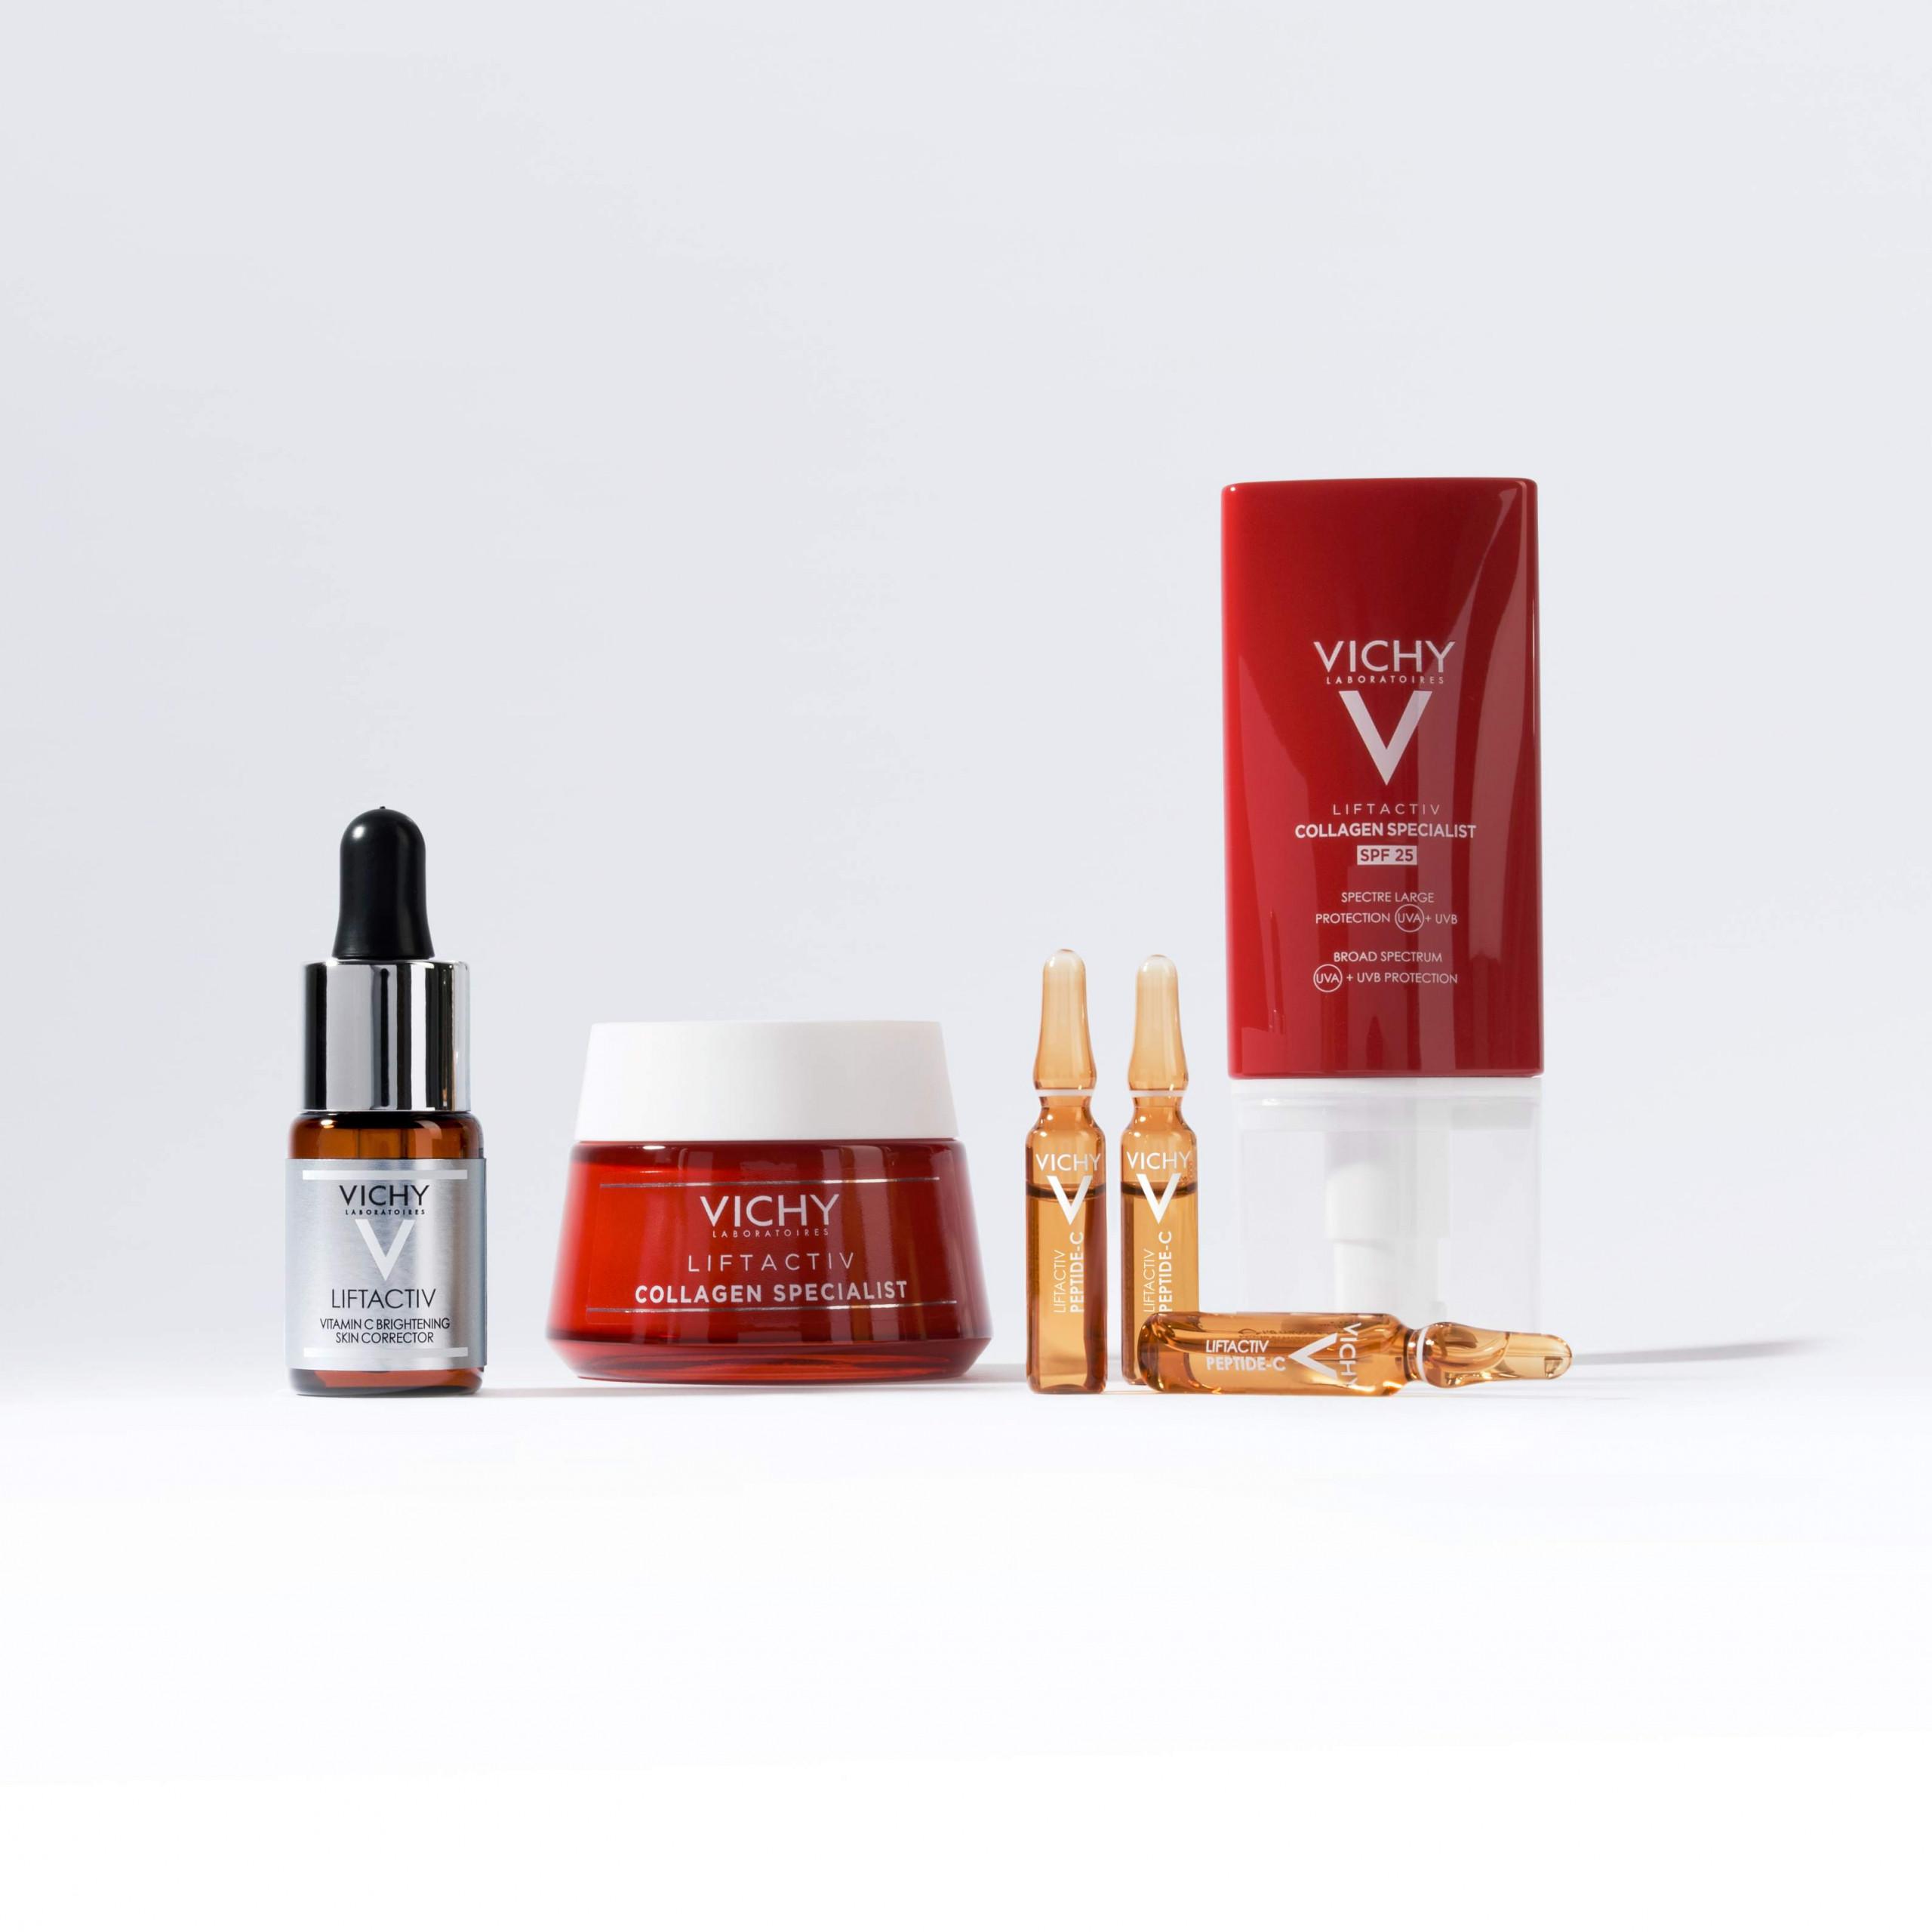 Vichy-Liftactiv-Collagen-Specialist-Night-50ml--Applicator-beauty-njega-koža-modnialmanah-kolagen